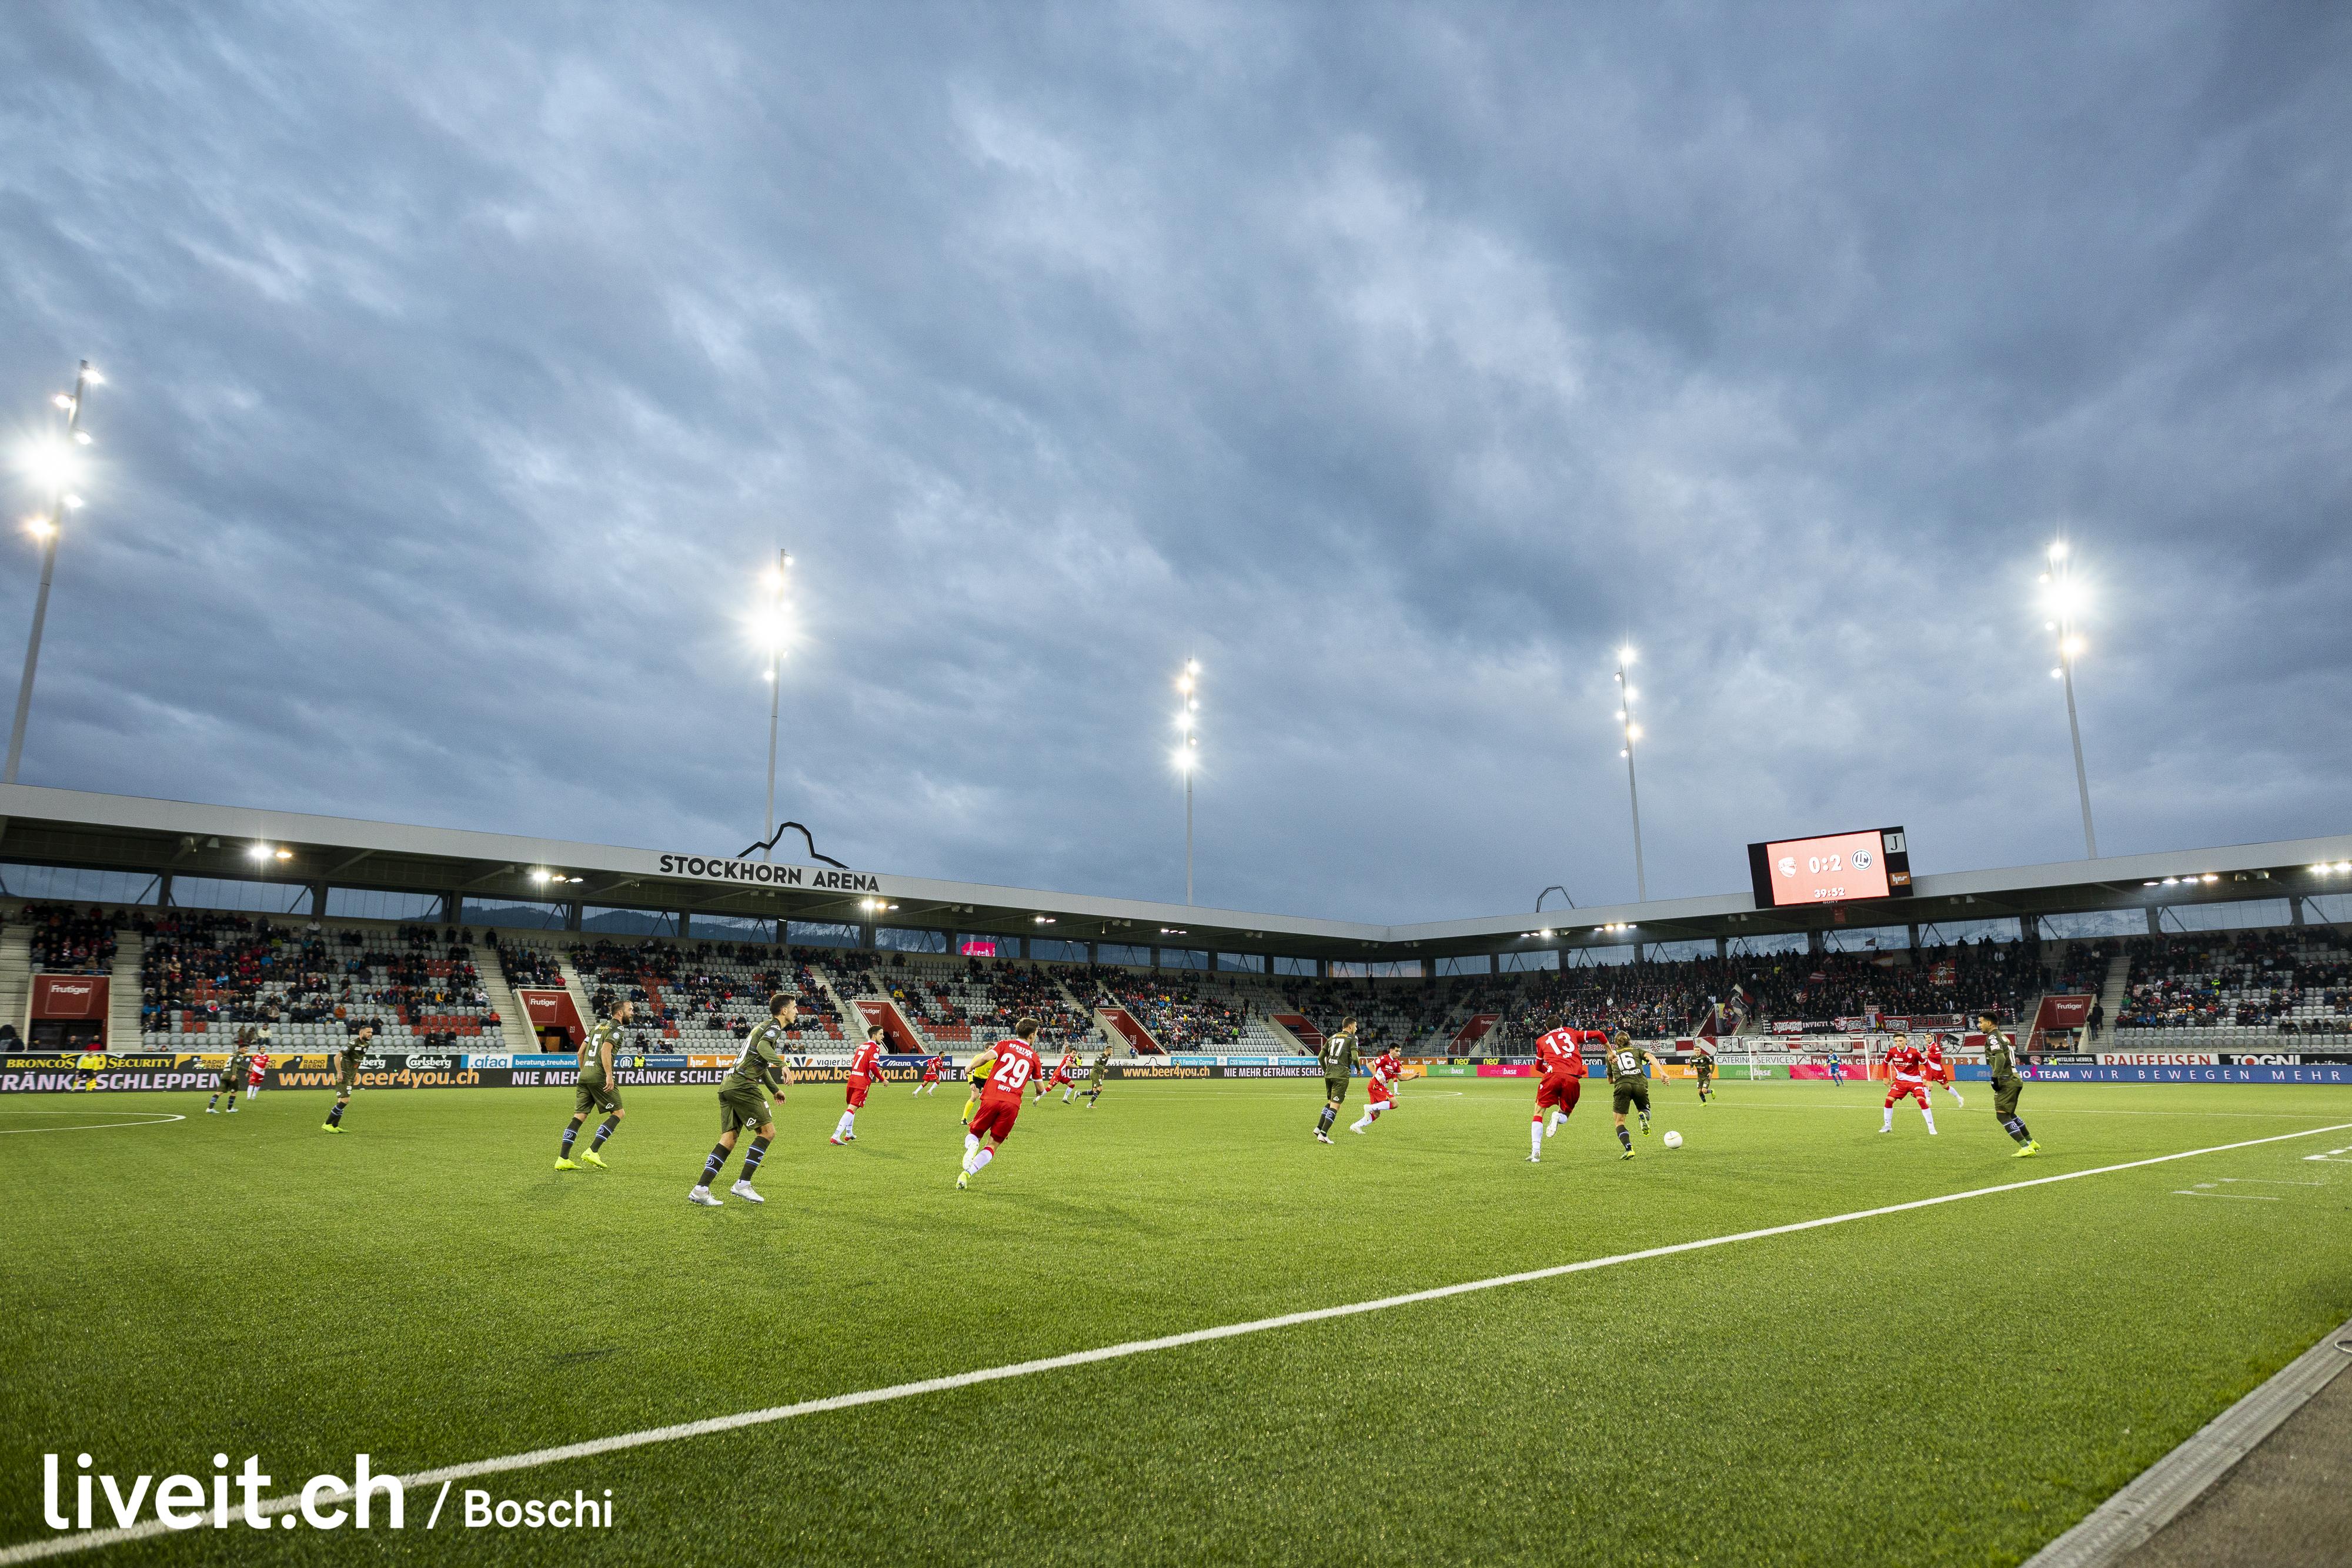 Fc Thun spielt gegen den Fc Lugano in der Stockhornarena Thun.(liveit.ch/boschi)